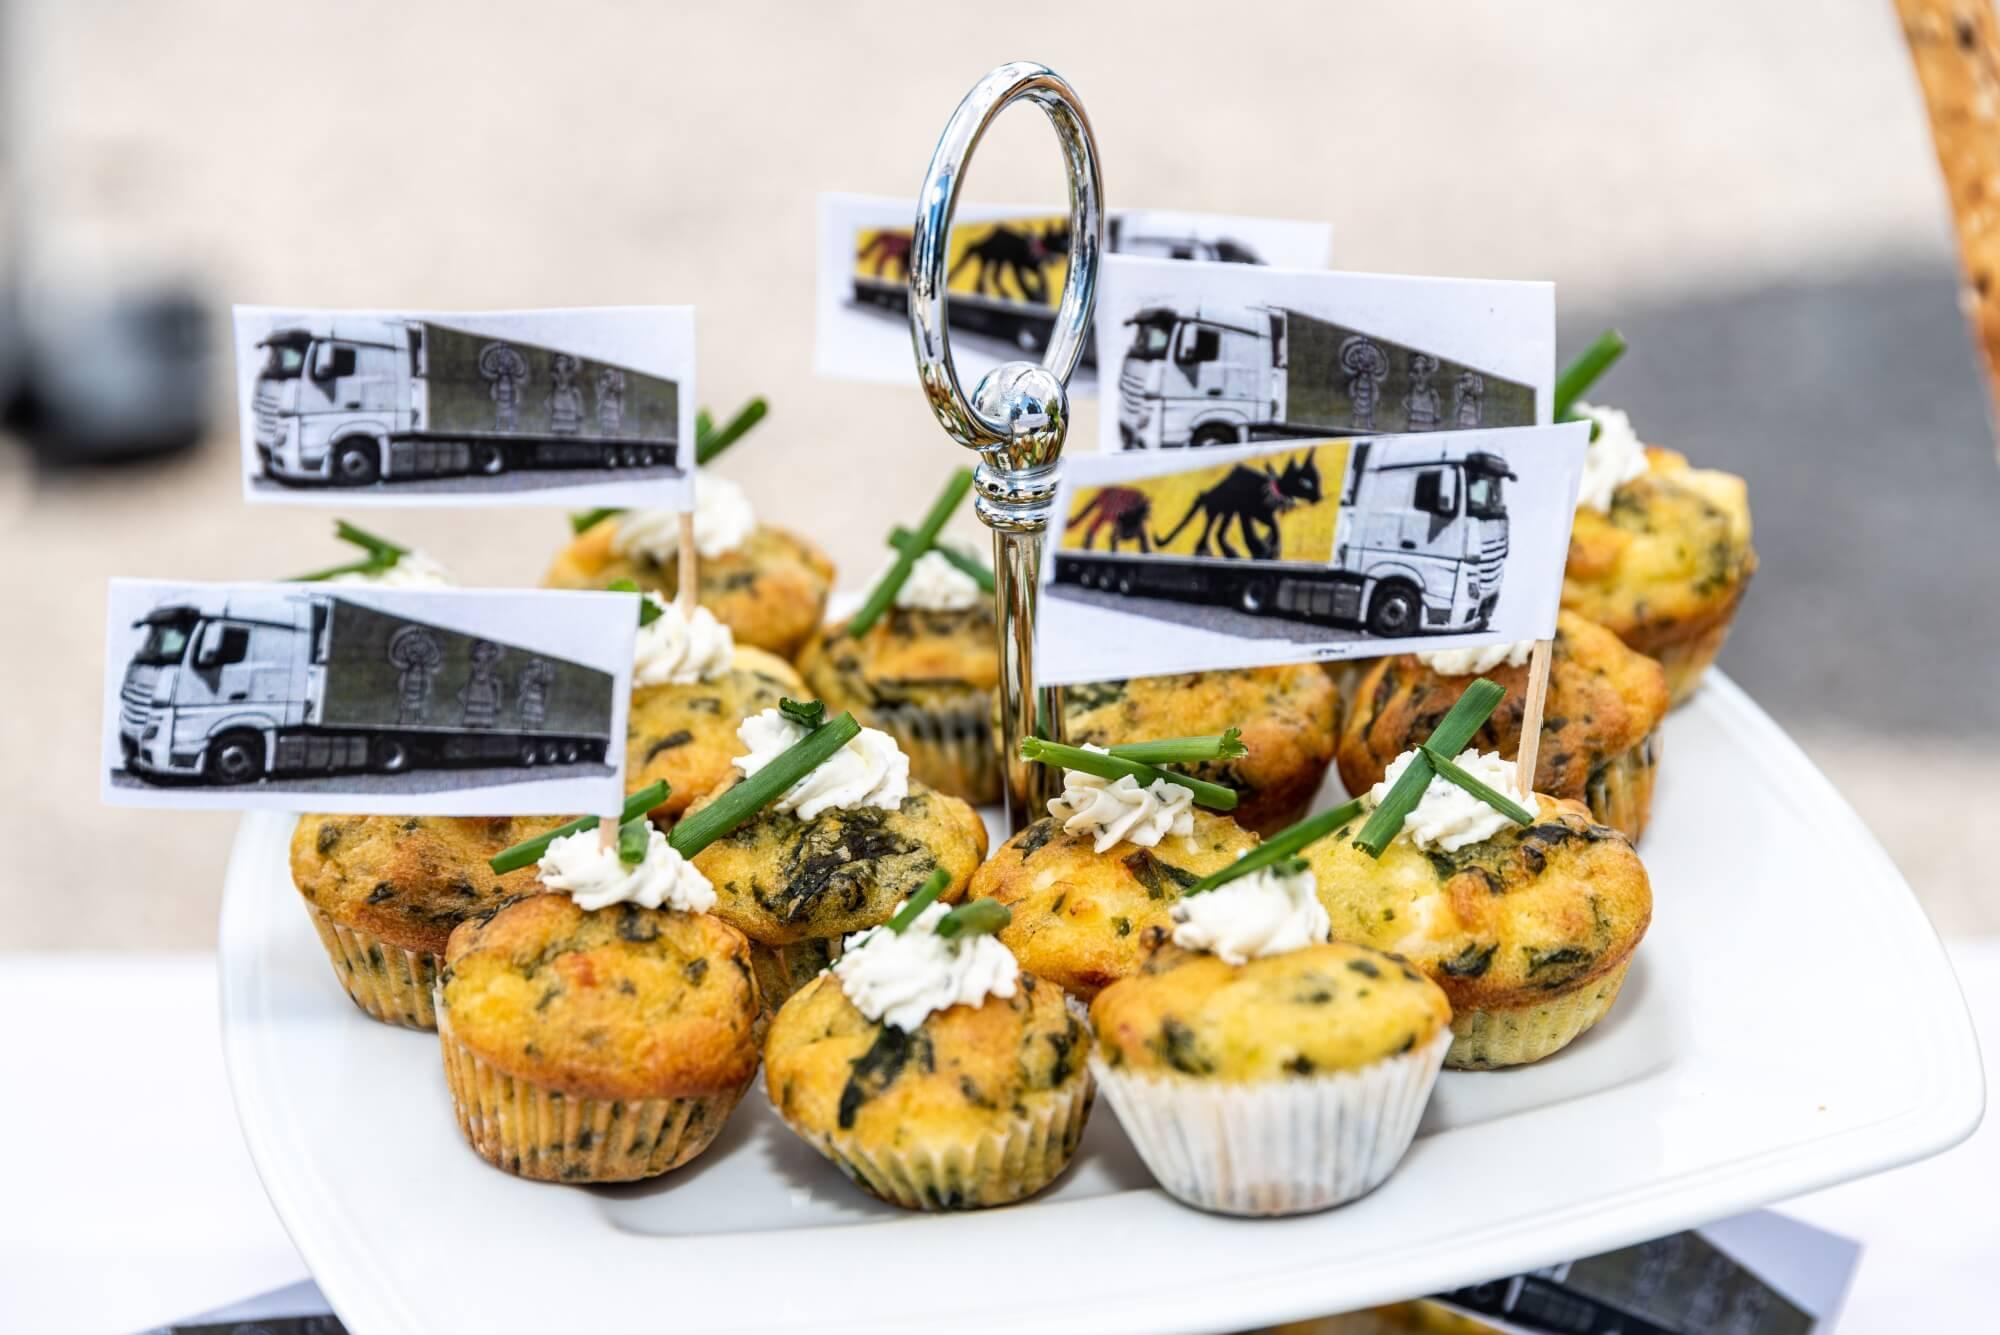 Leckere Muffins mit kleinen, bunten LKW-Fahnen.